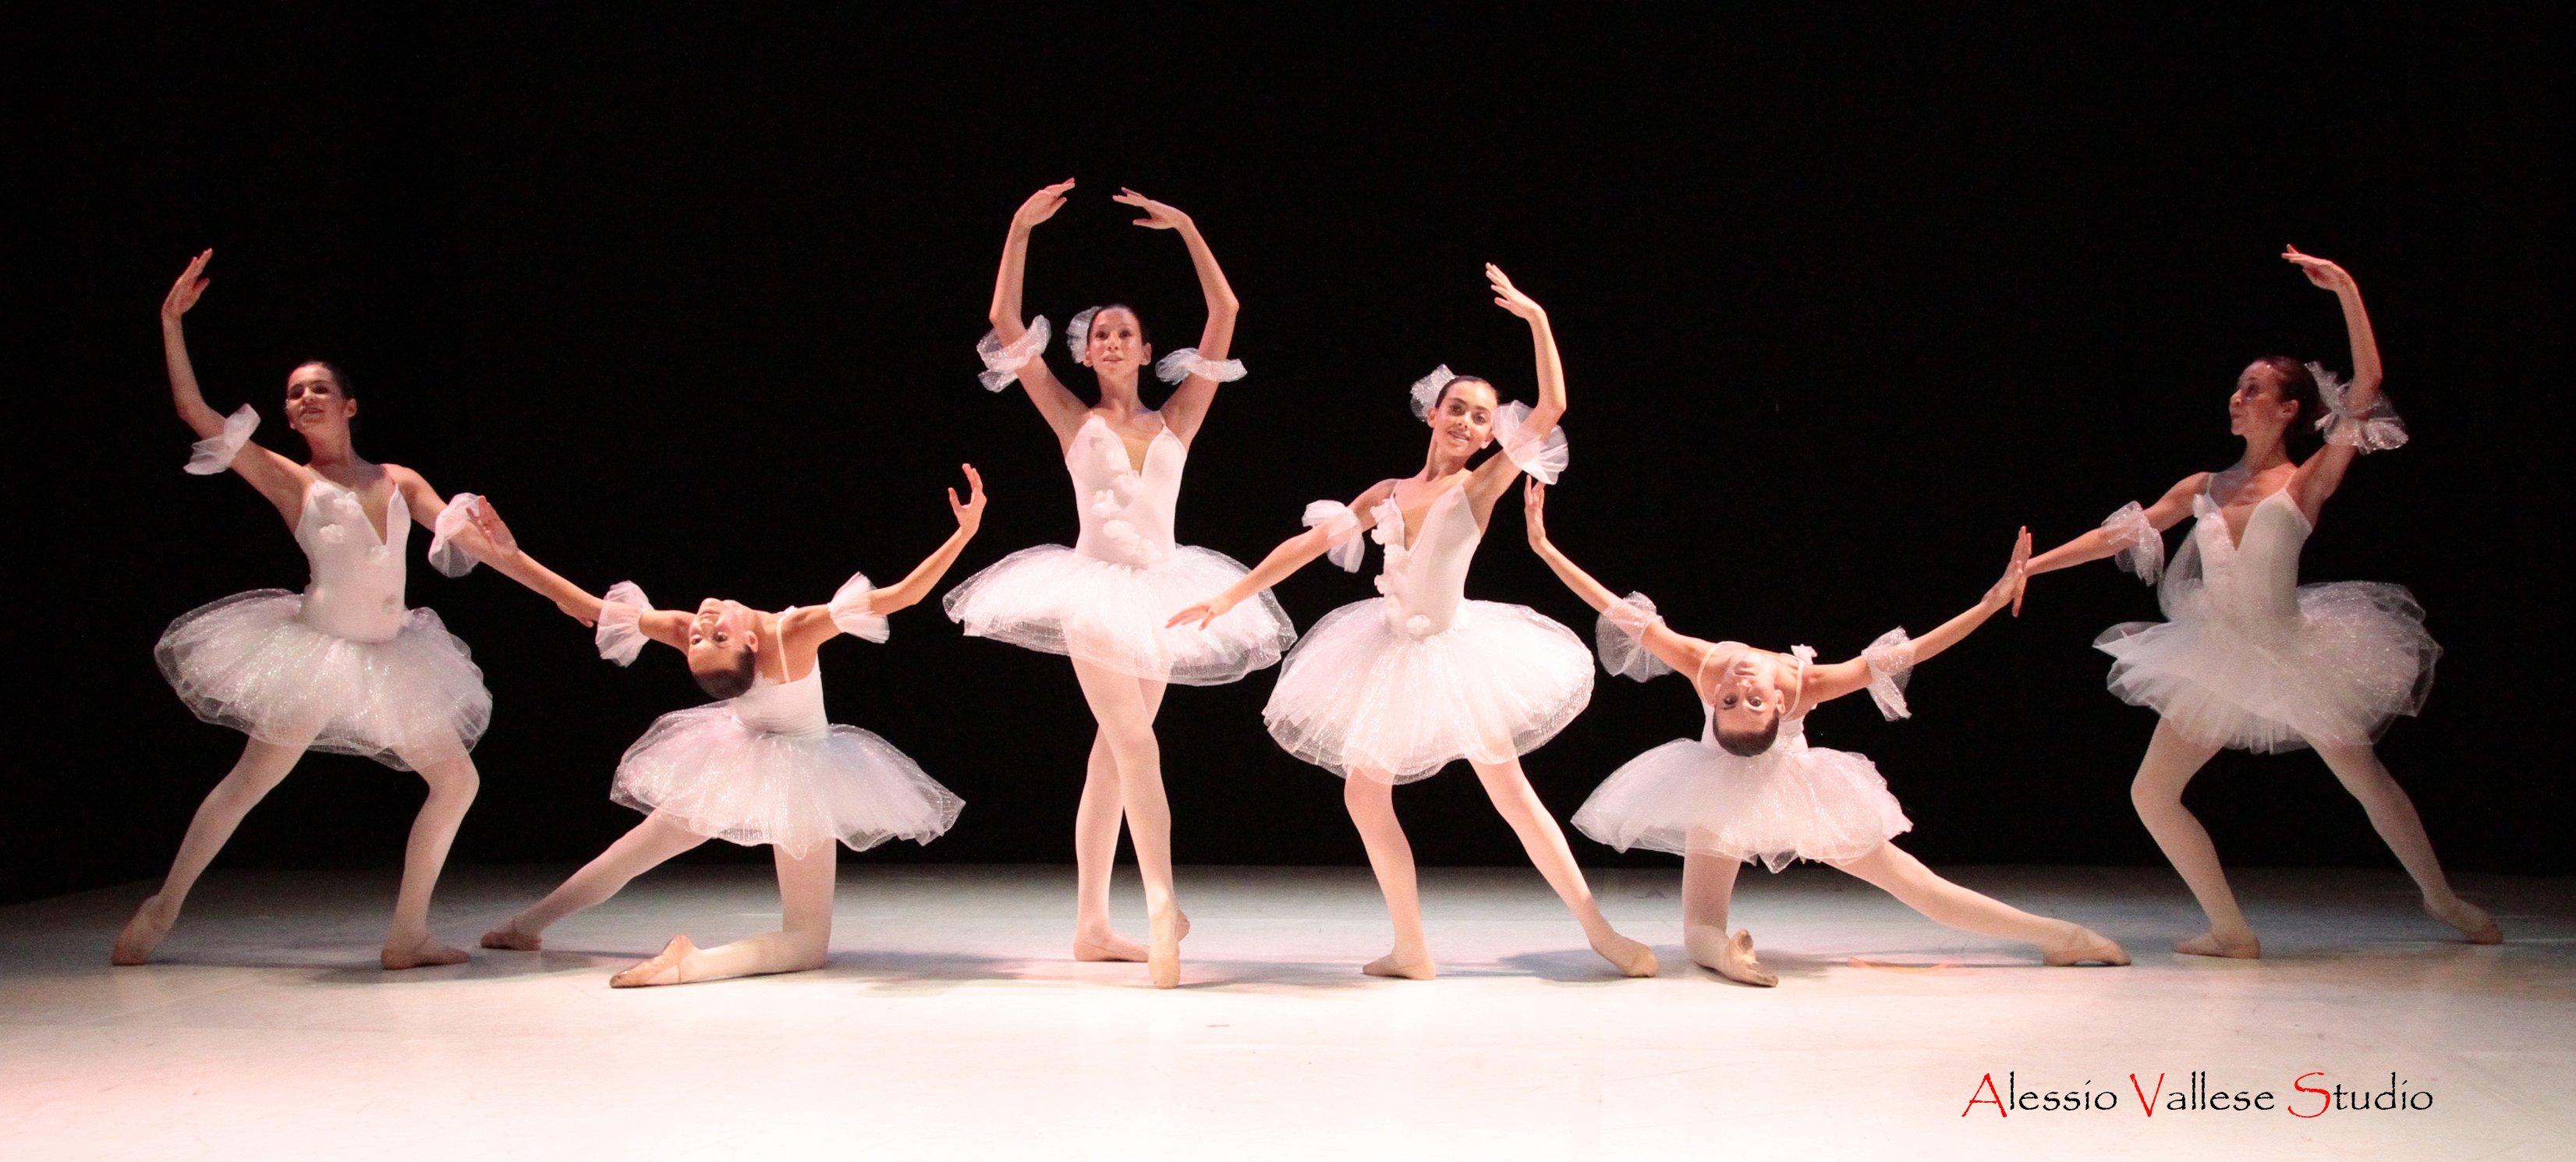 corsi di danza per bambini, lezioni di danza per principianti, lezioni di danza per professionisti